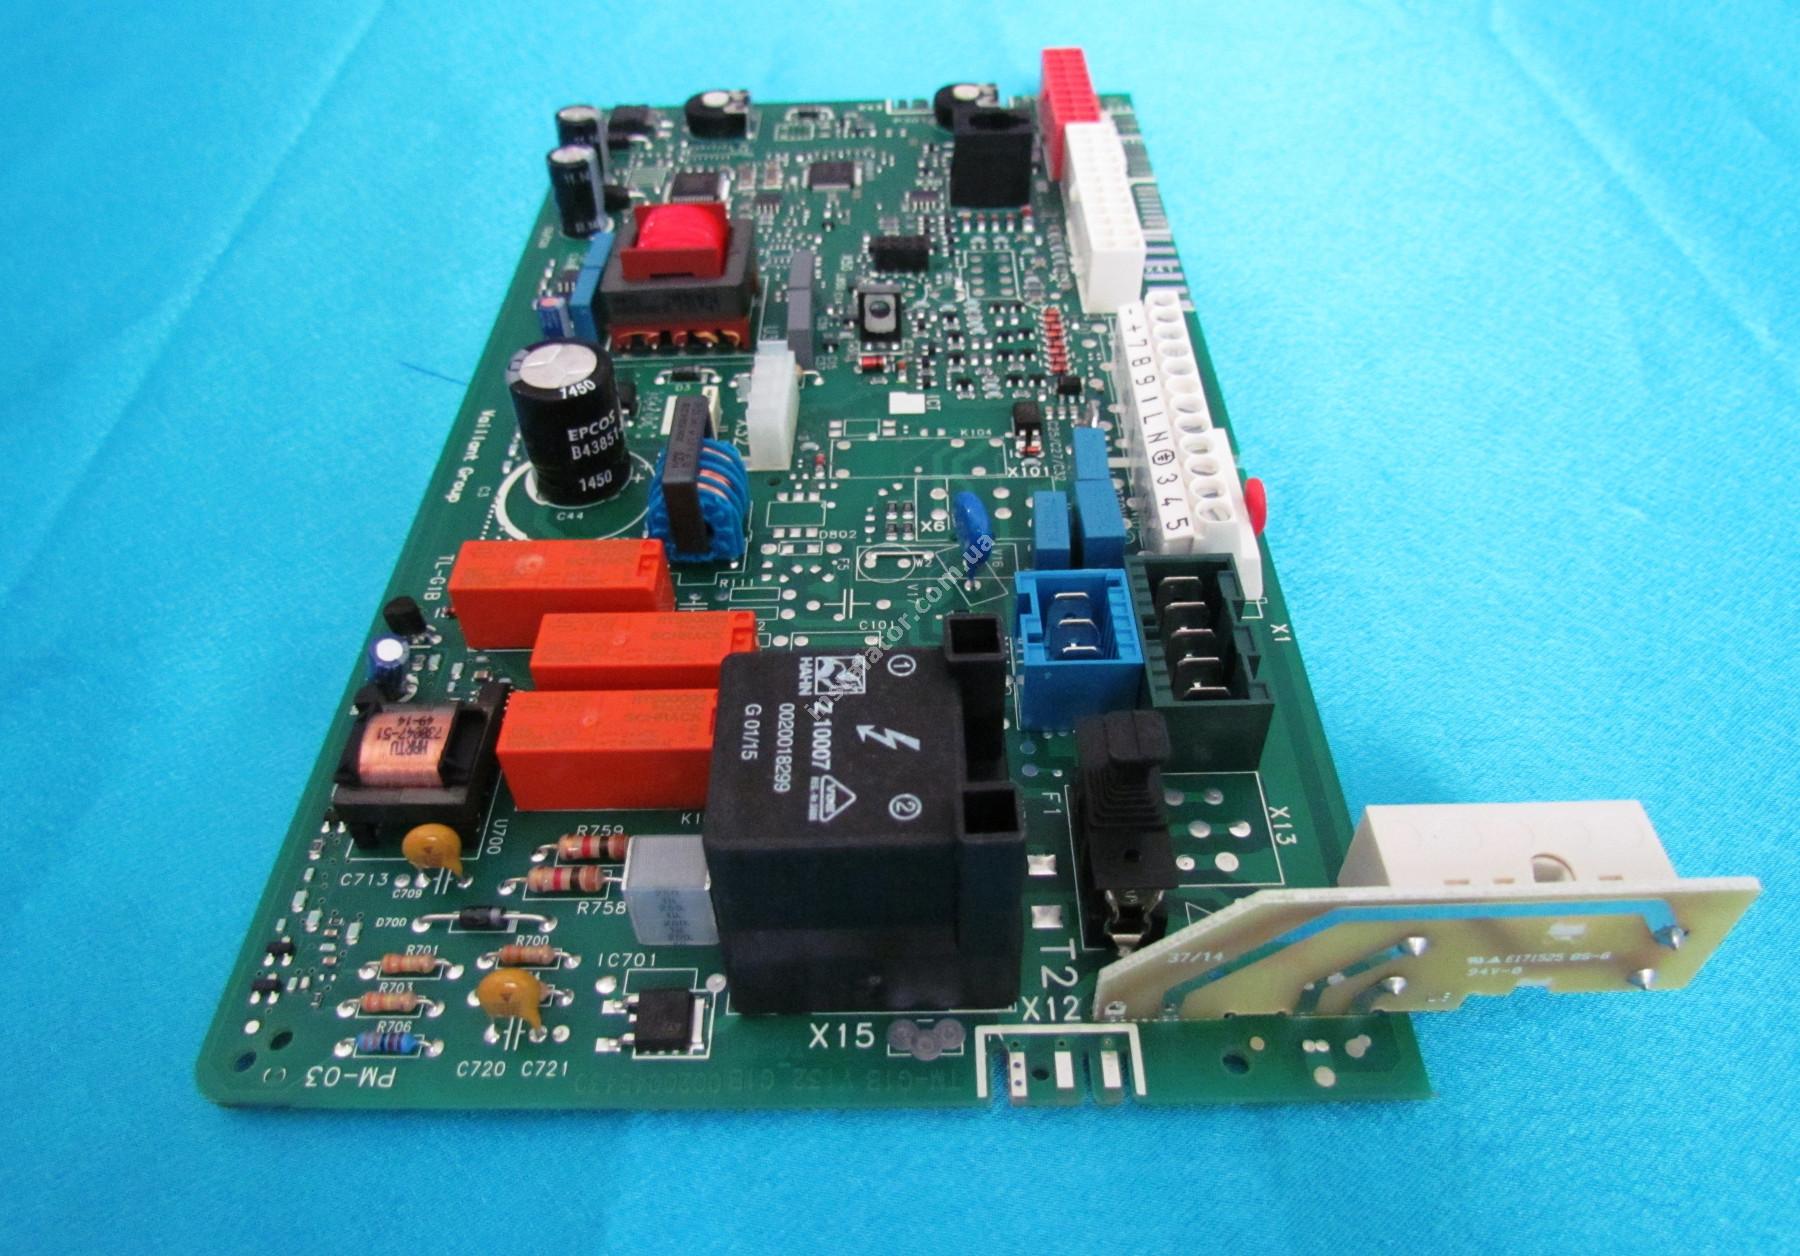 0020092371 Плата керування - універсальна VAILLANT Atmo/Turbo TEC Pro/Plus full-image-1